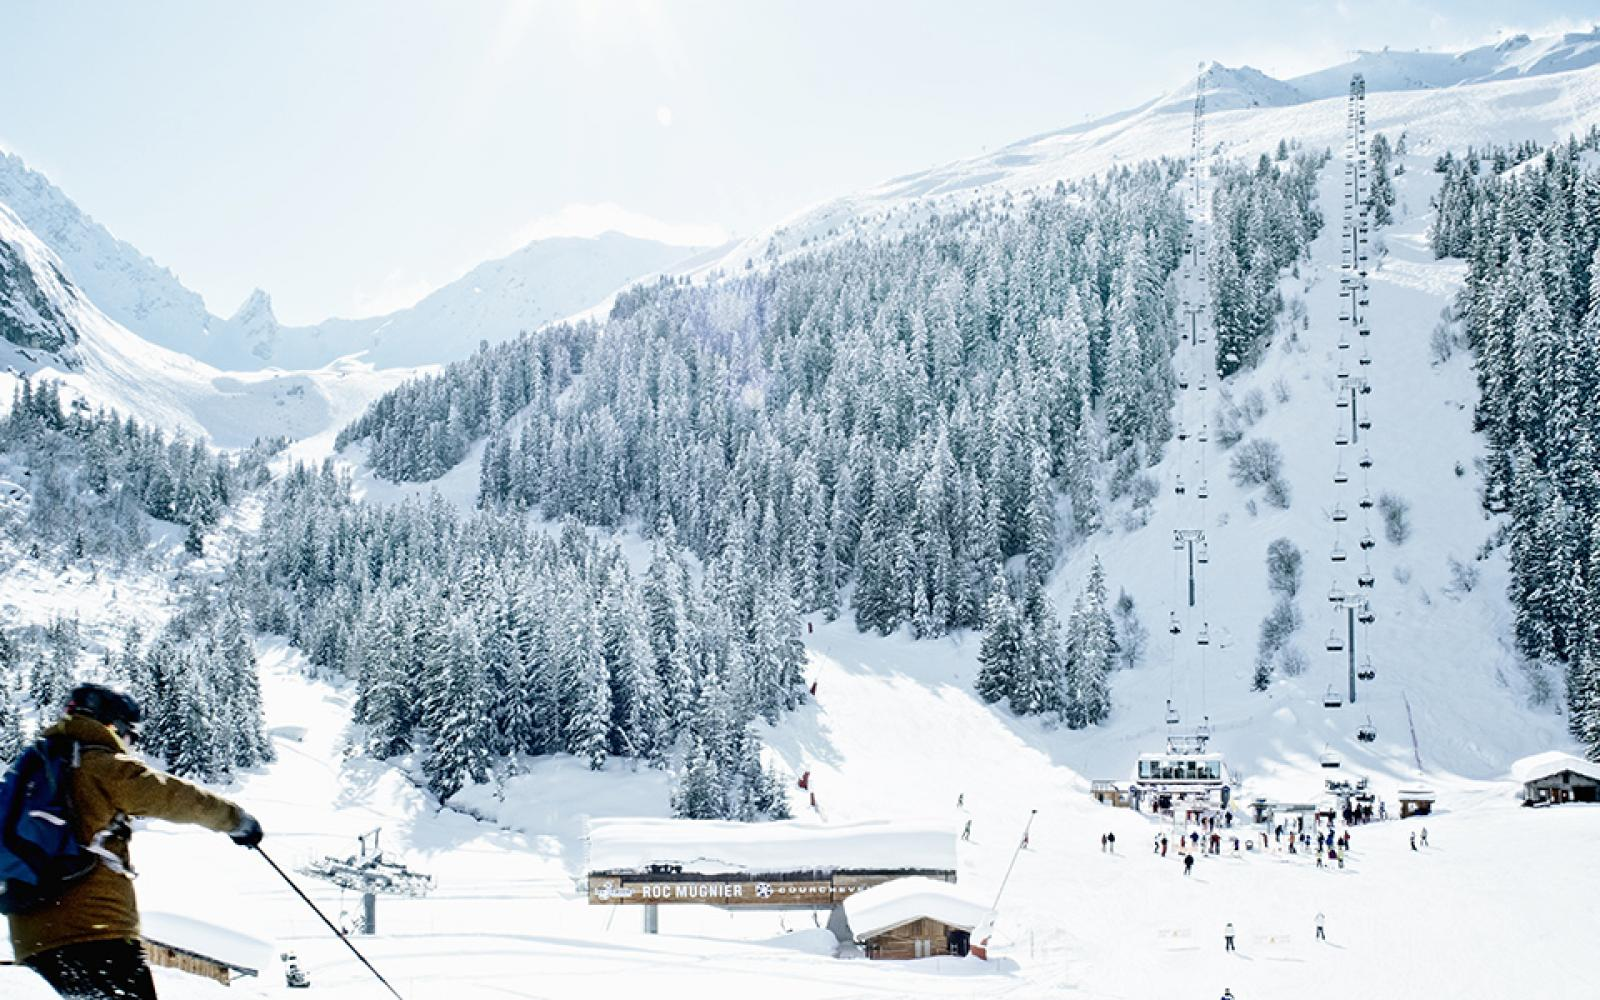 Ski exceptionnel sur le domaine skiable des 3 Vallées - Courchevel - La Tania - Méribel